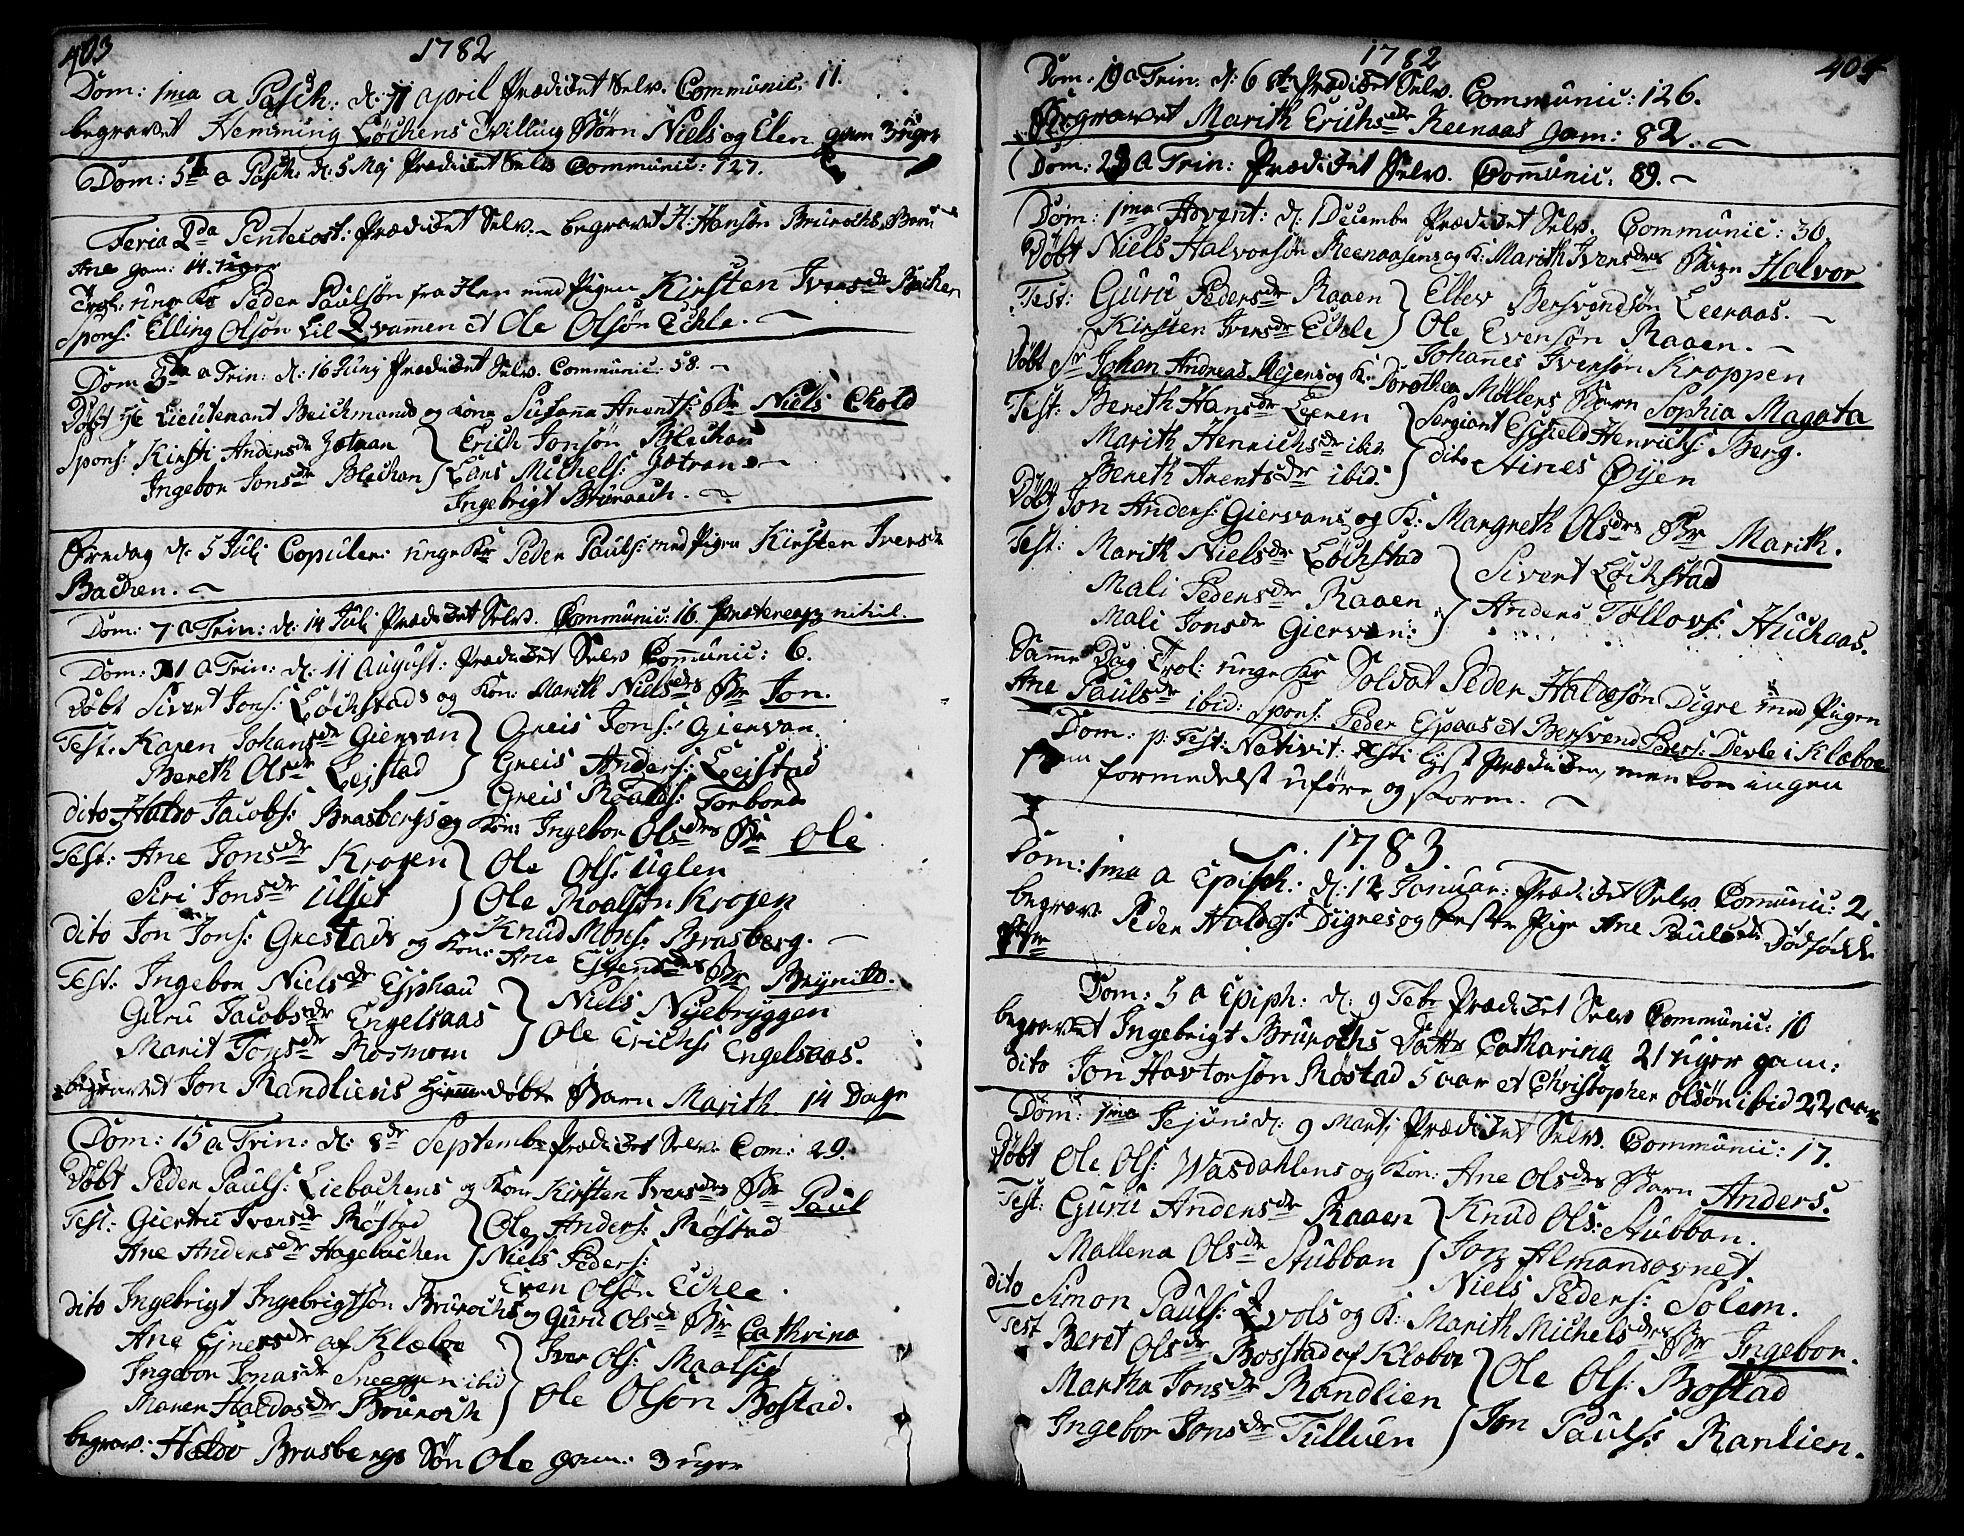 SAT, Ministerialprotokoller, klokkerbøker og fødselsregistre - Sør-Trøndelag, 606/L0282: Ministerialbok nr. 606A02 /3, 1781-1817, s. 403-404